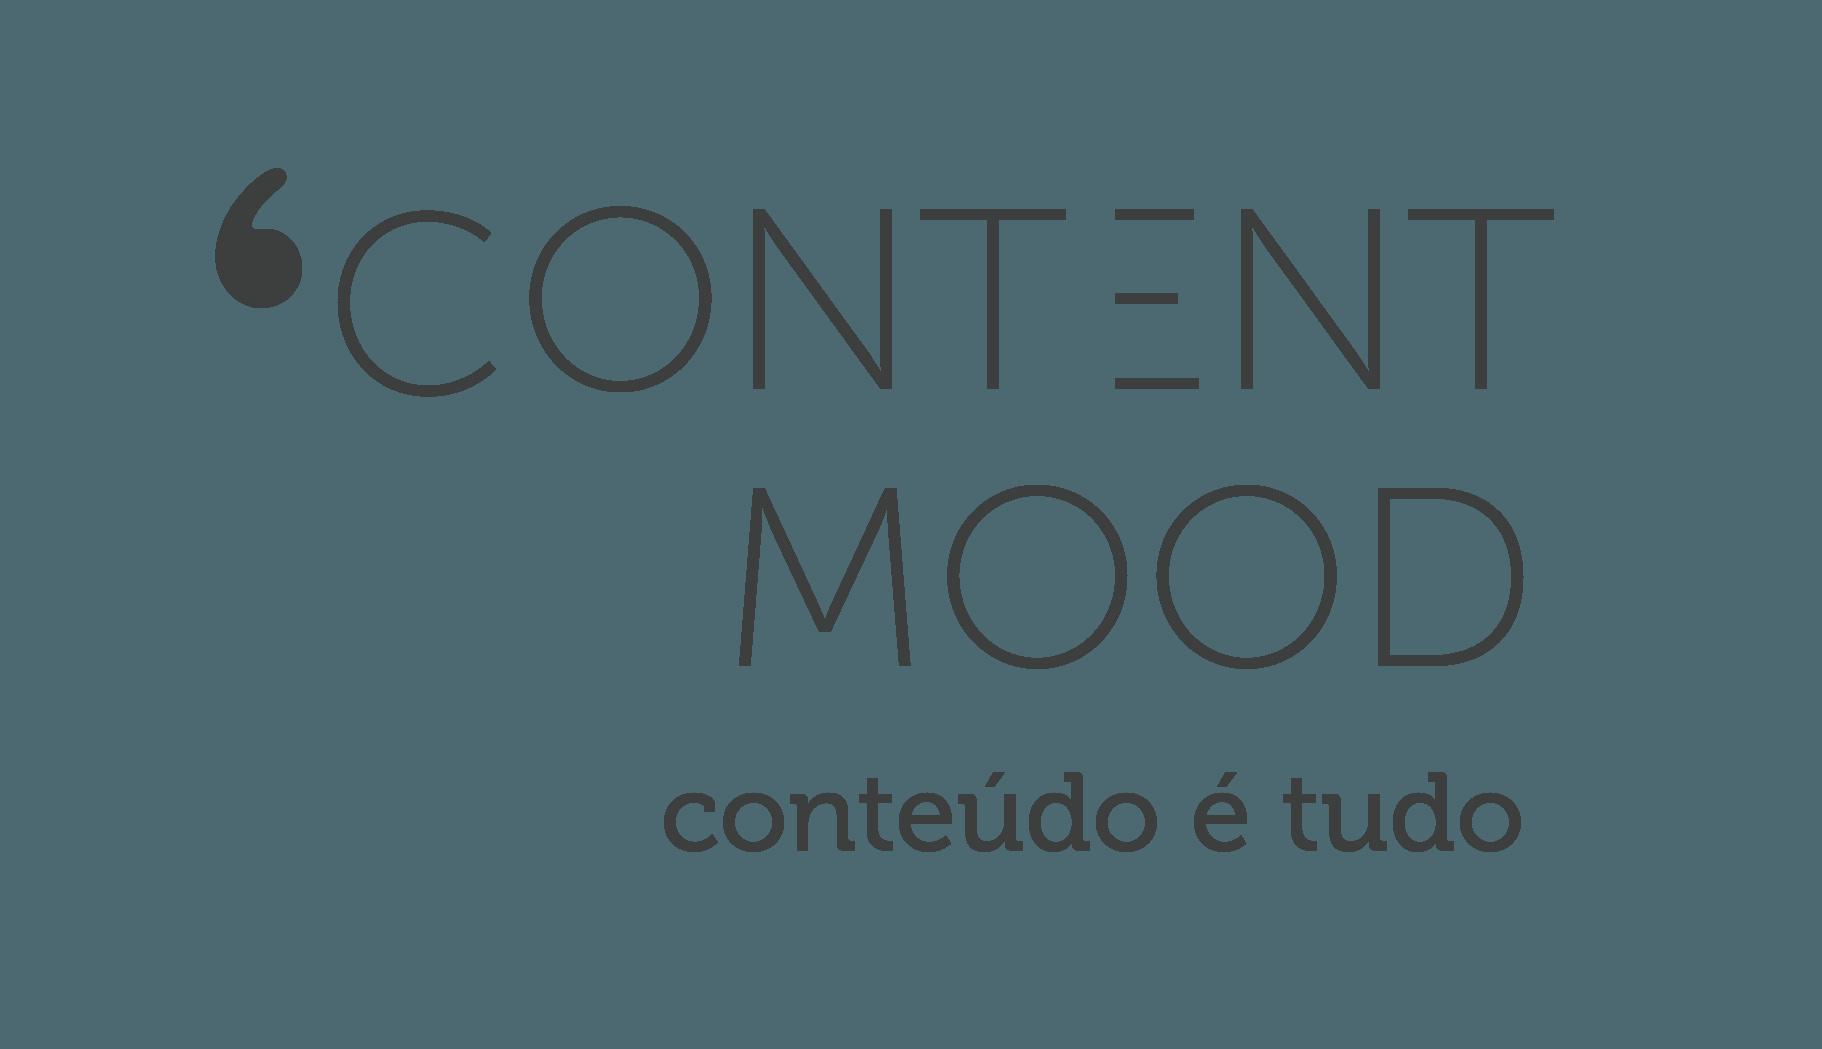 Content Mod